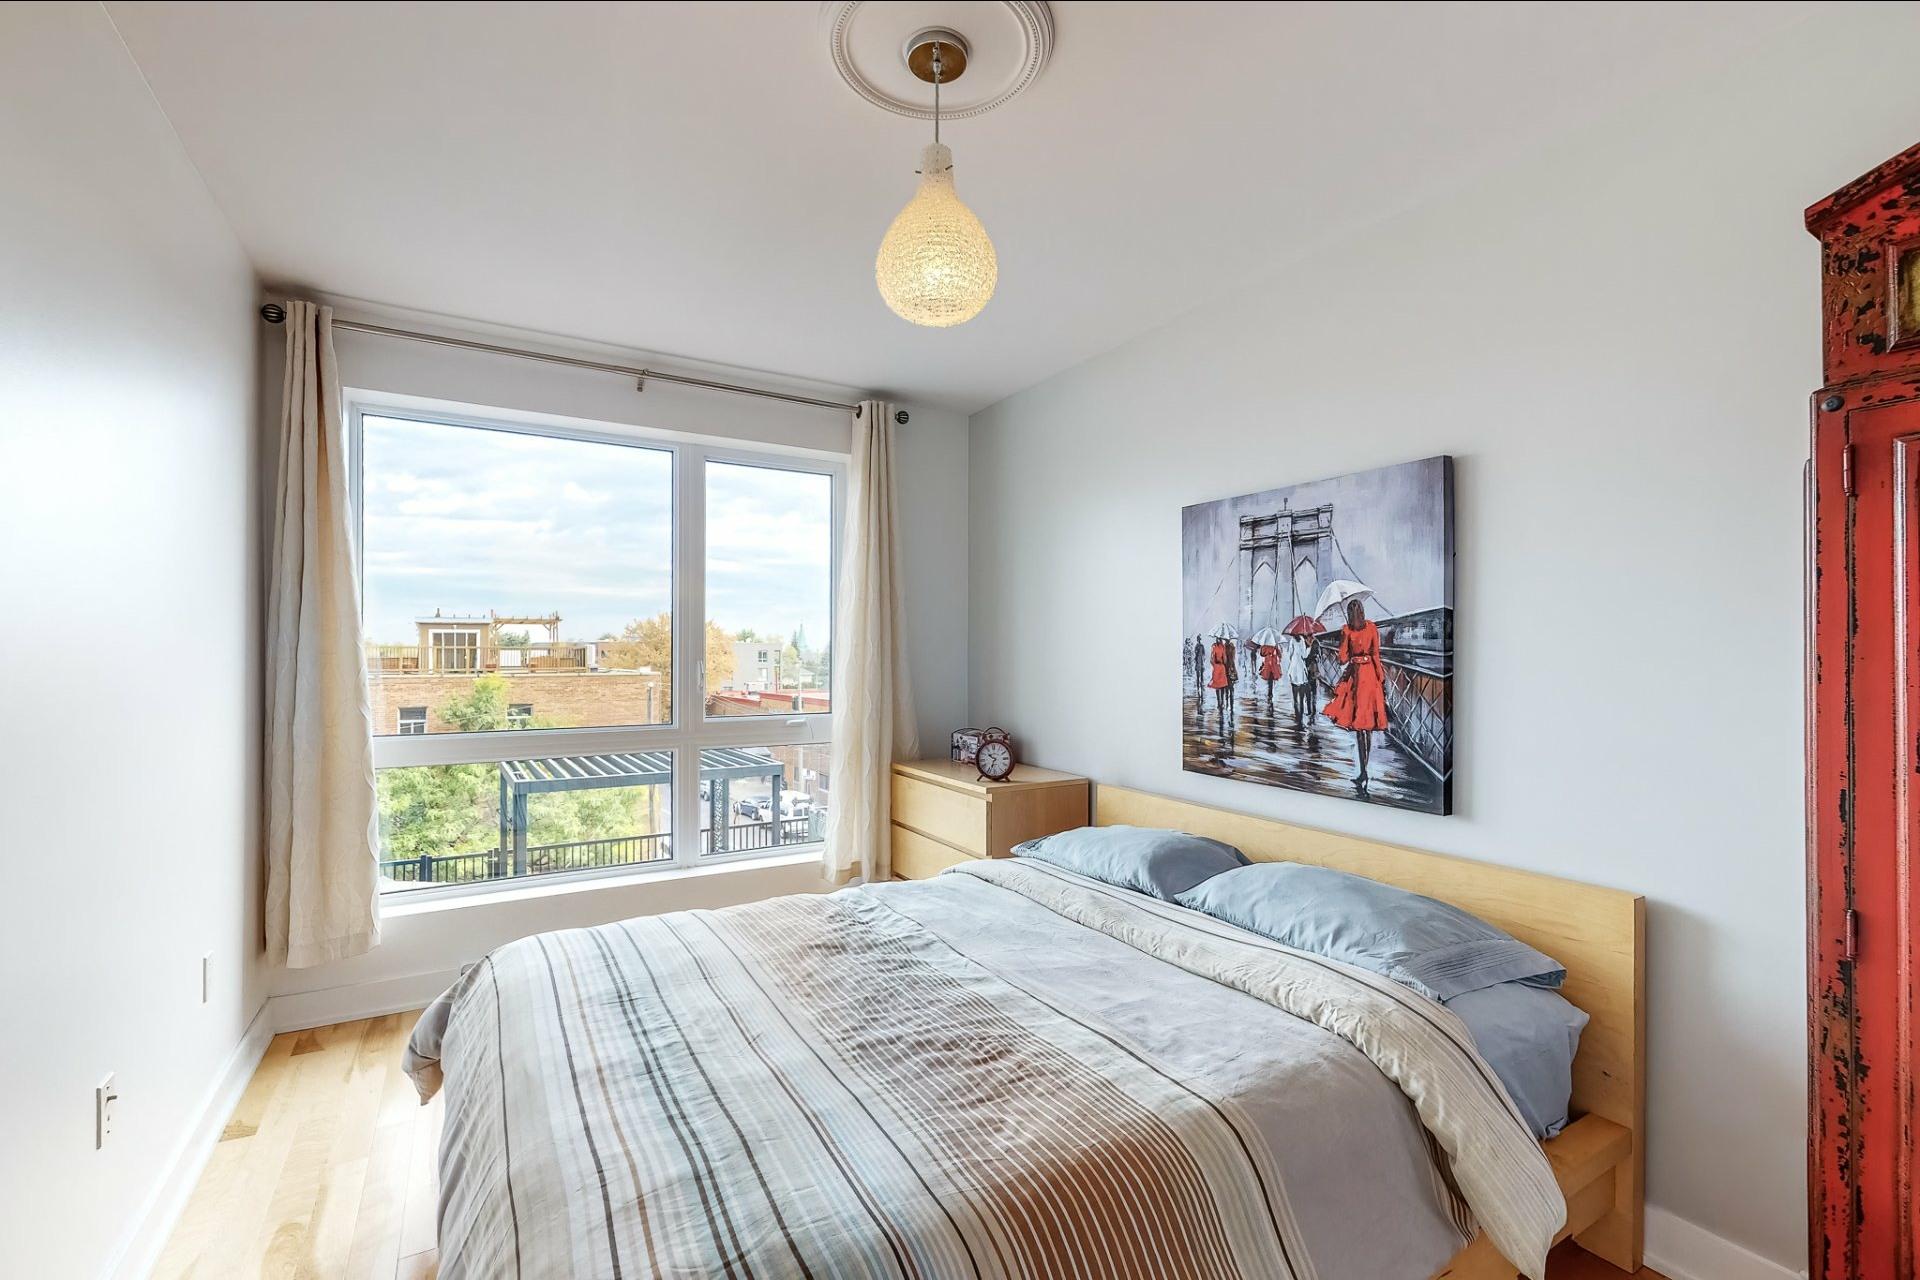 image 10 - Appartement À vendre Rosemont/La Petite-Patrie Montréal  - 3 pièces